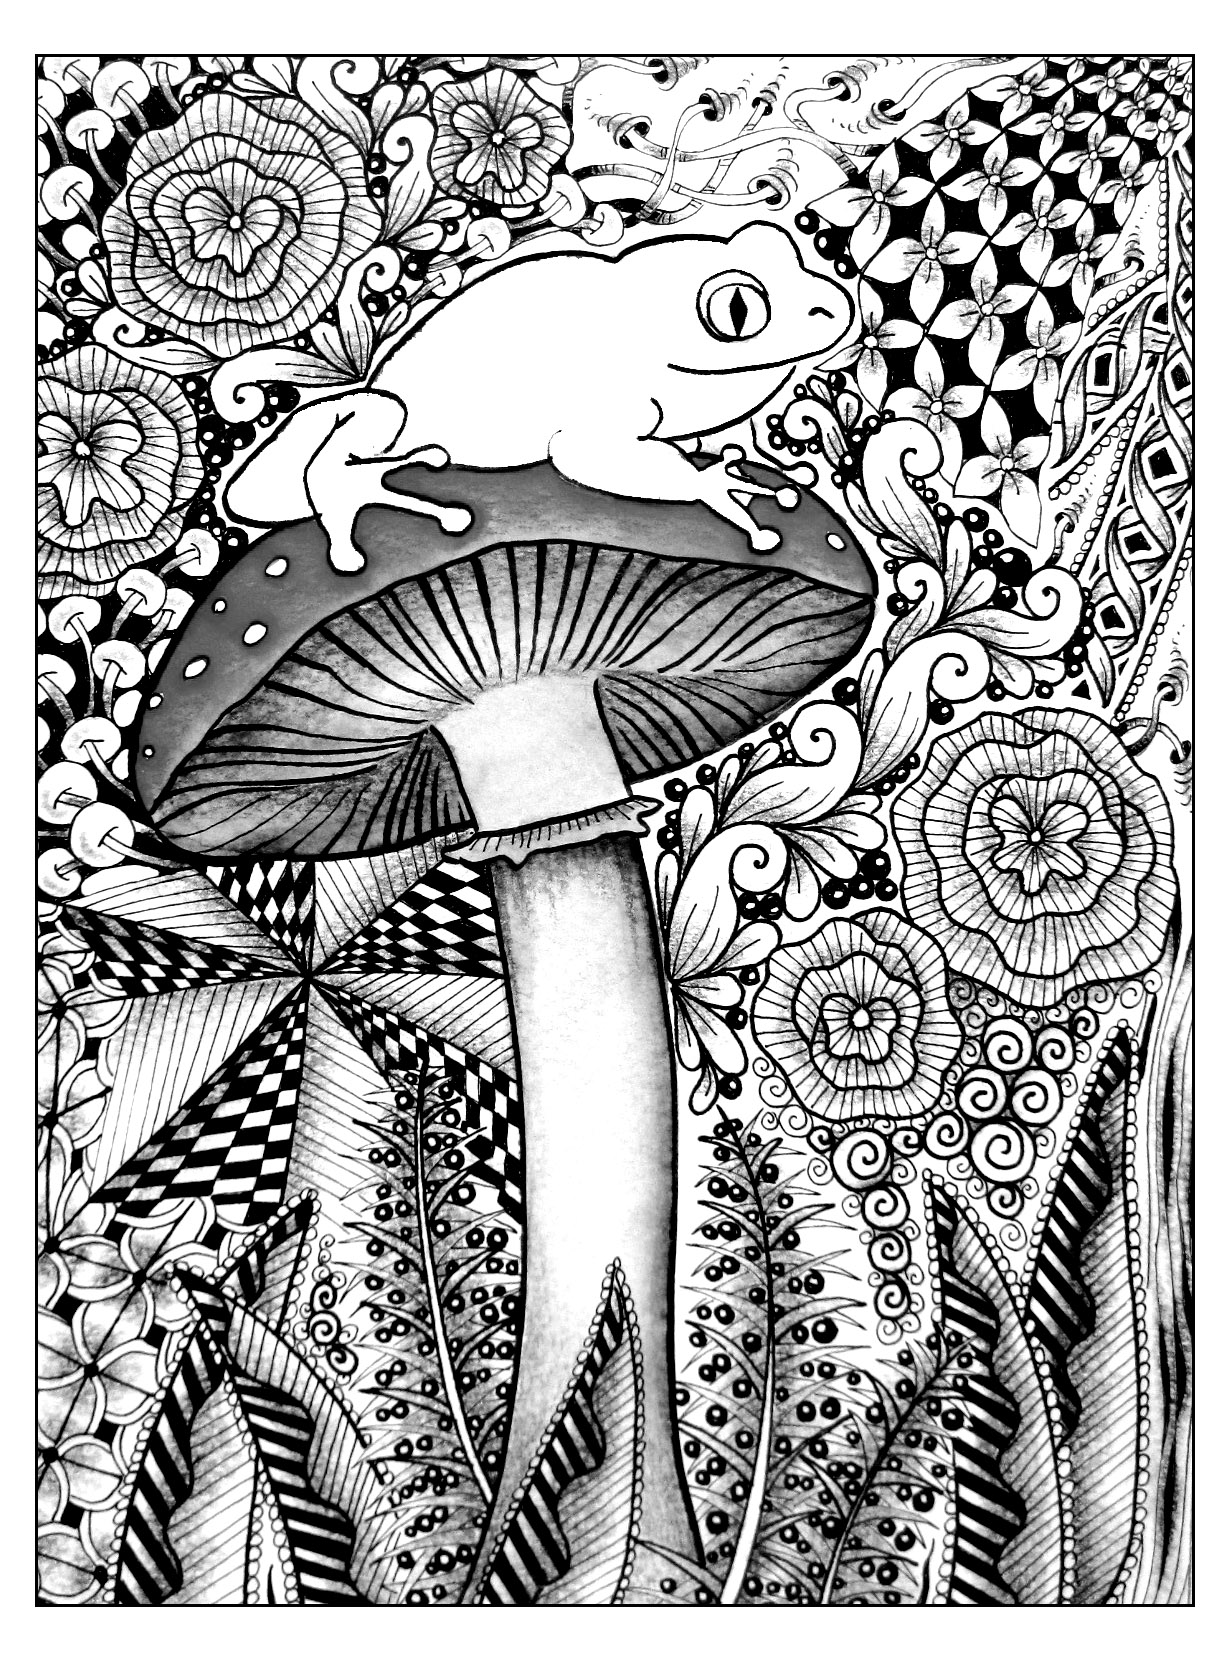 Dans cette forêt se cache une belle grenouille ... Beau coloriage en perspective | A partir de la galerie : Jungle Et Foret